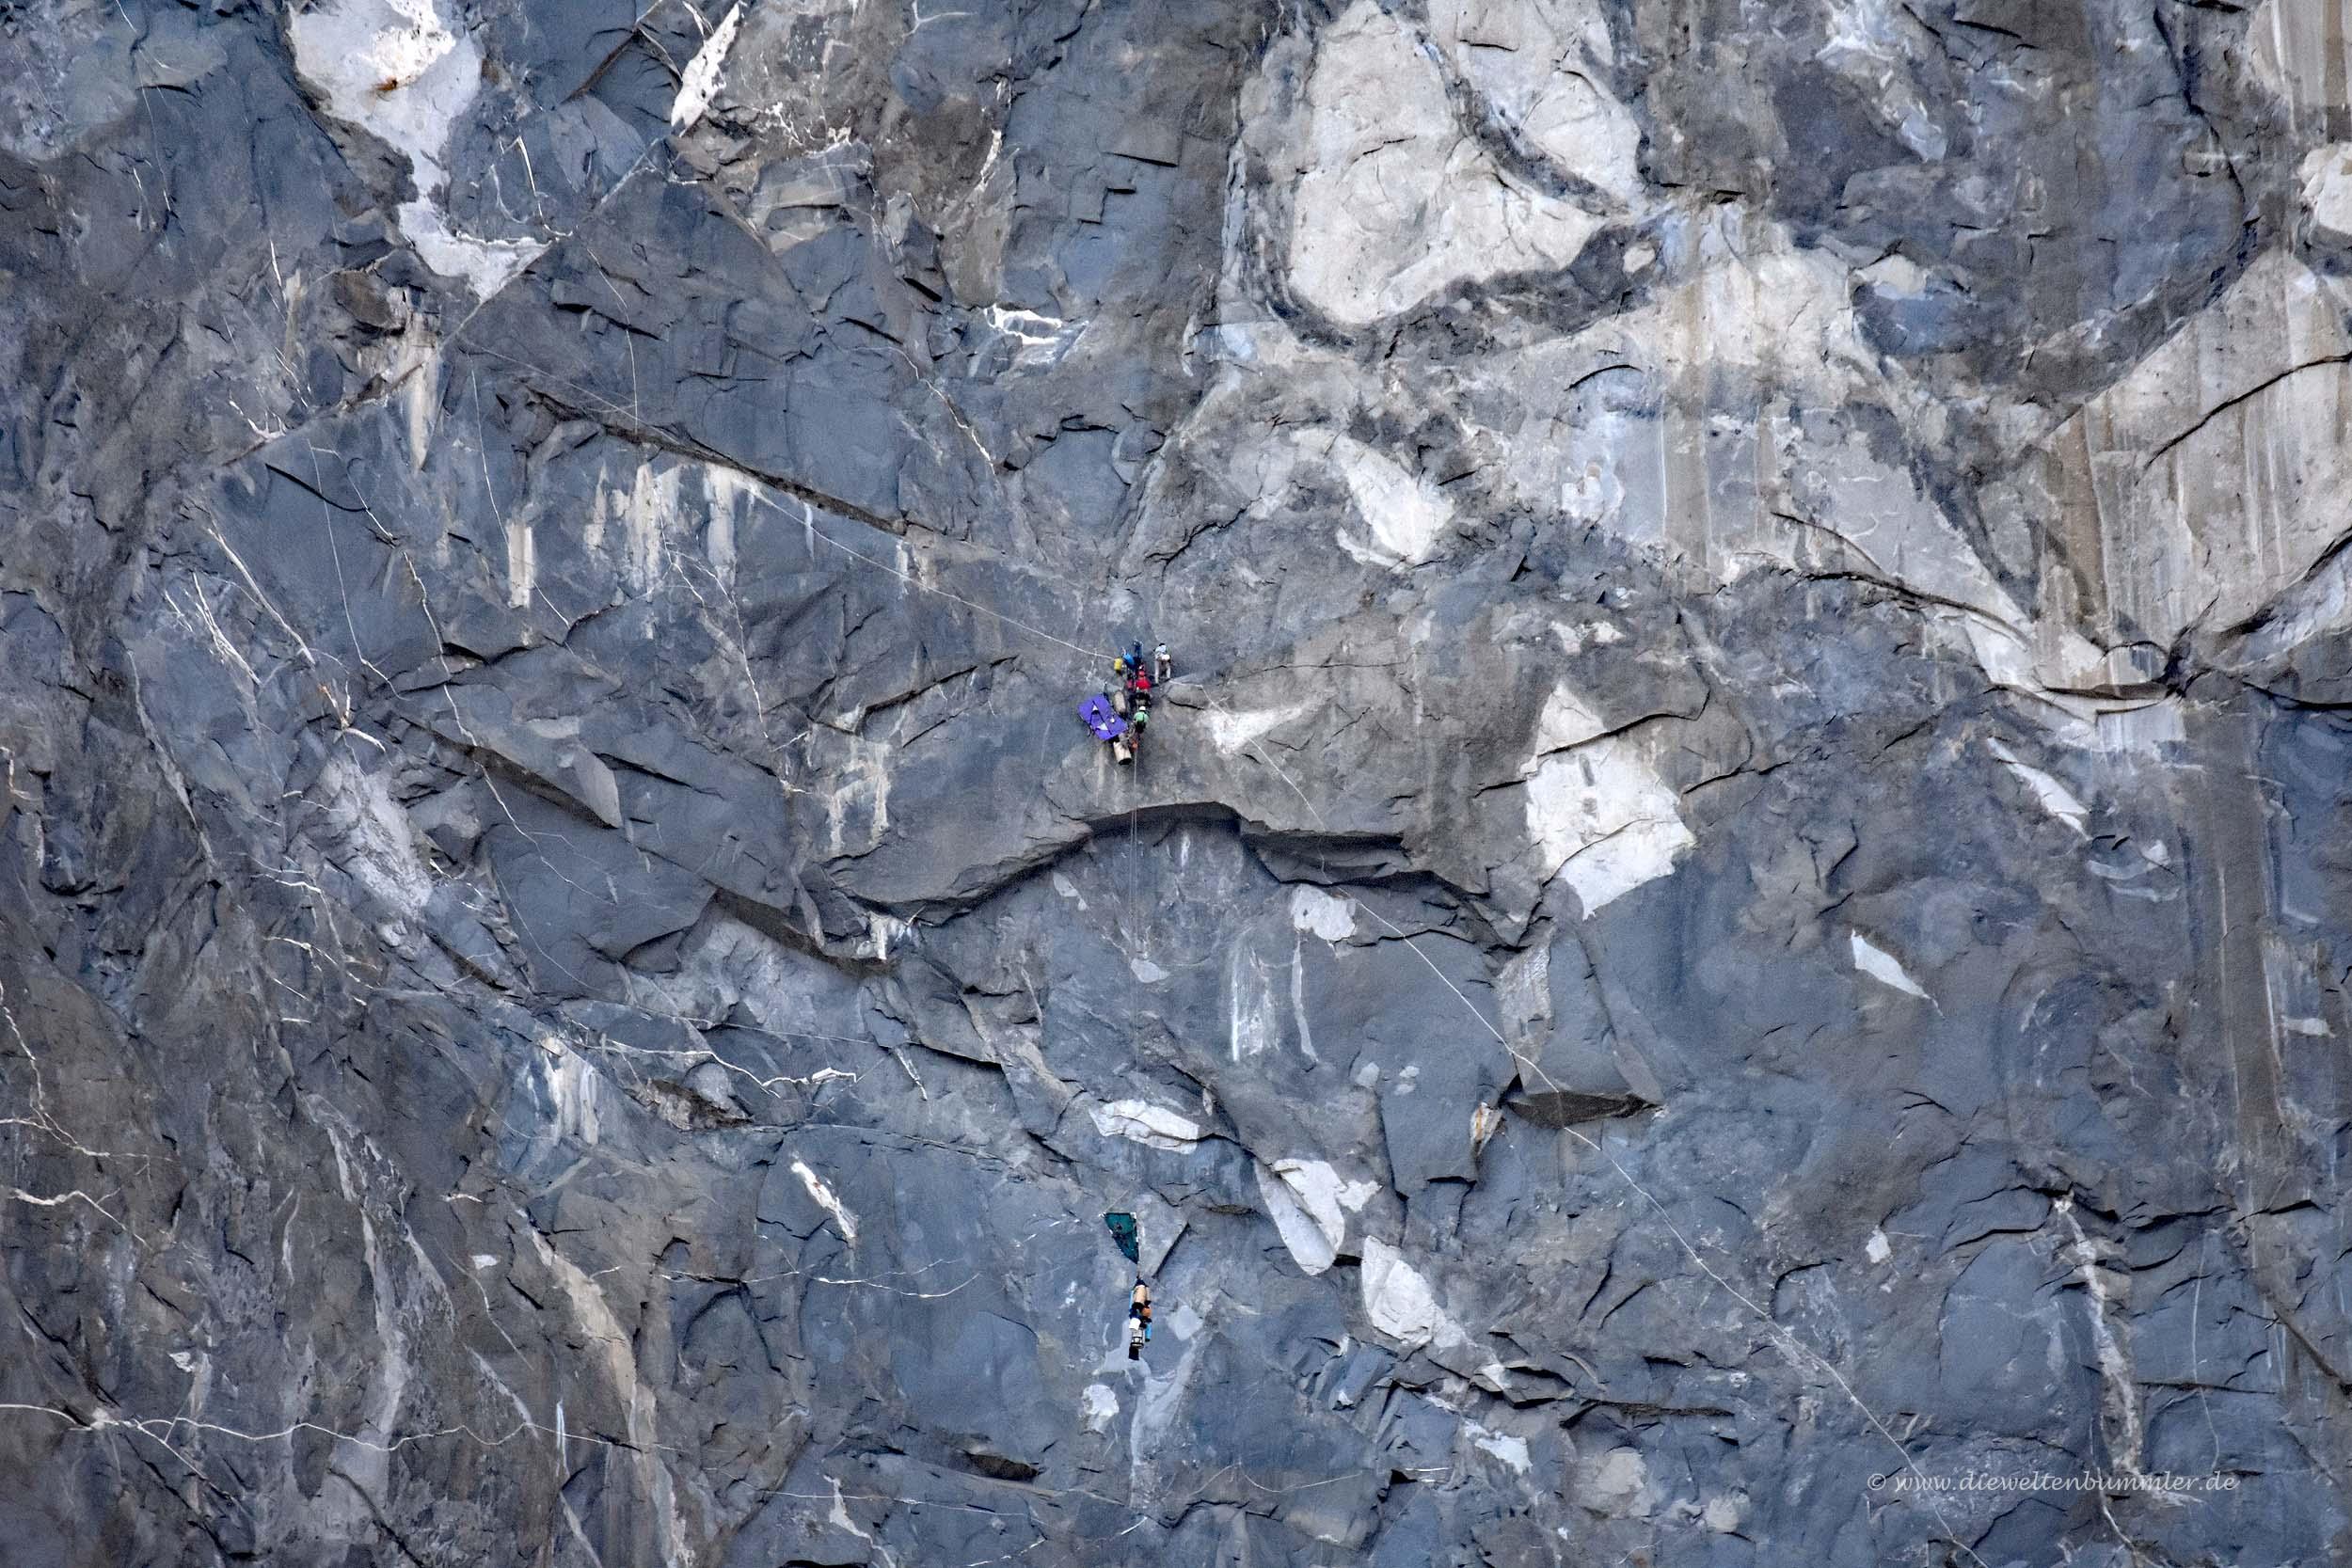 Kletterer in der steilen Felswand